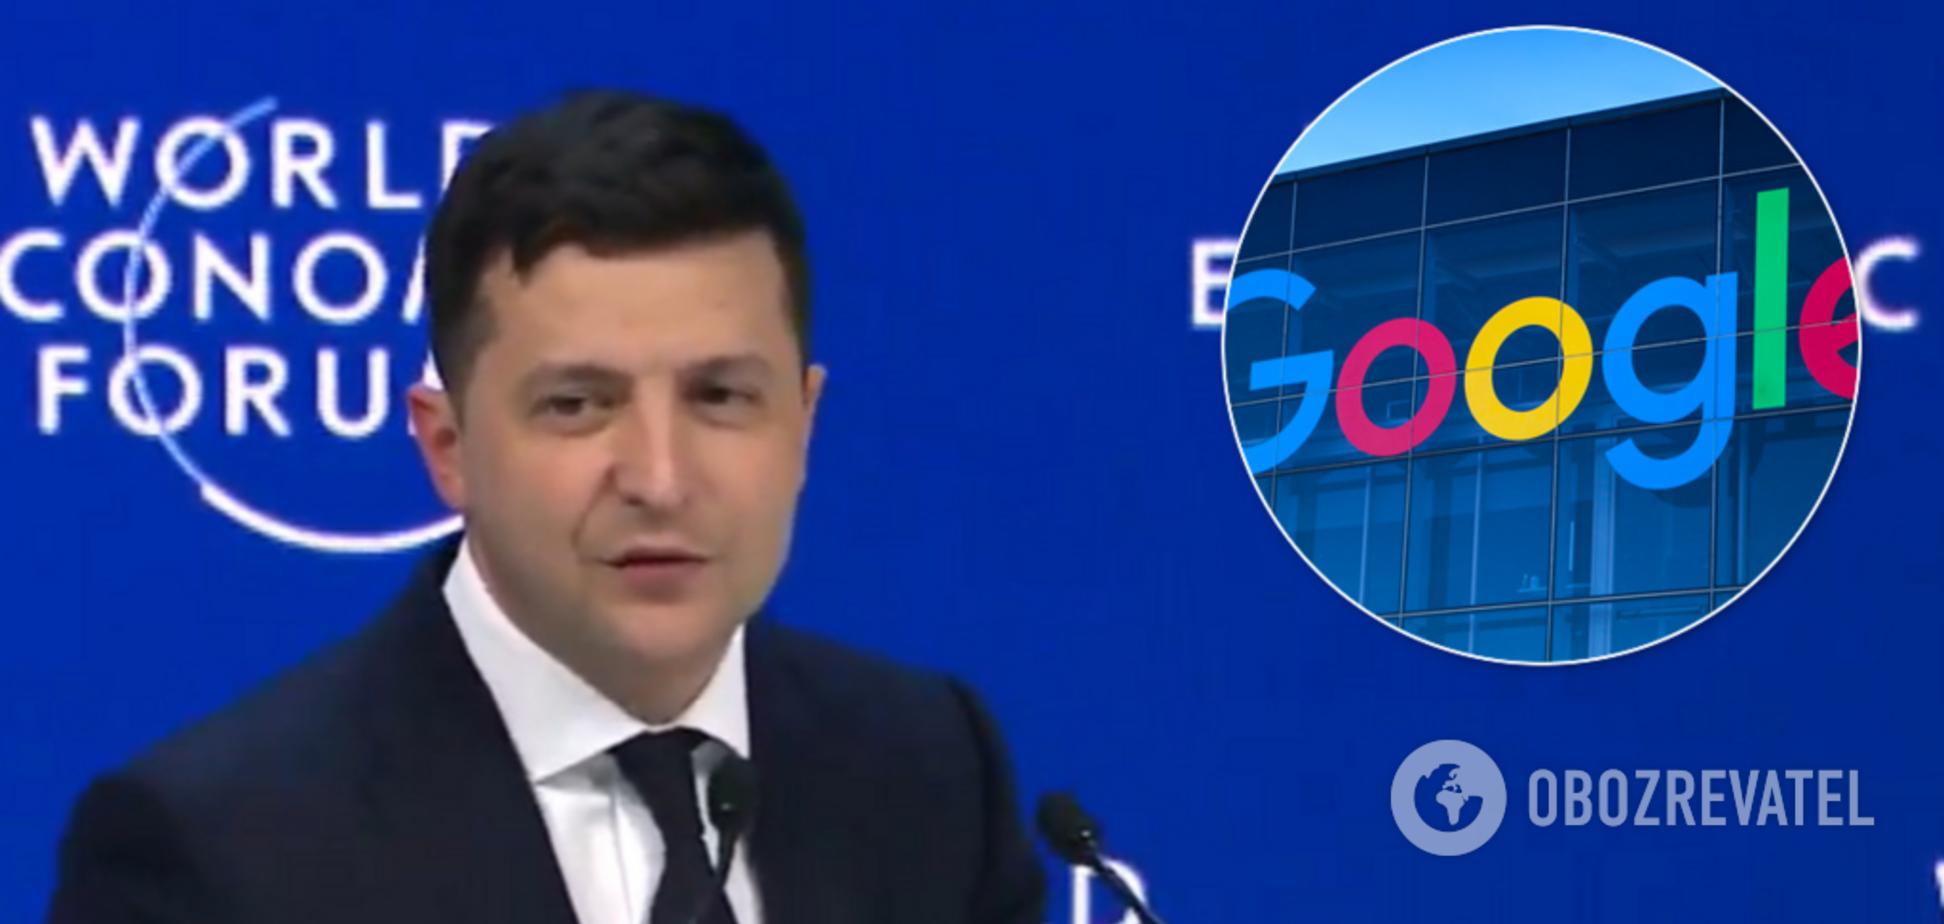 'Для нас це питання виживання!' Зеленський у Давосі порівняв Україну з Google